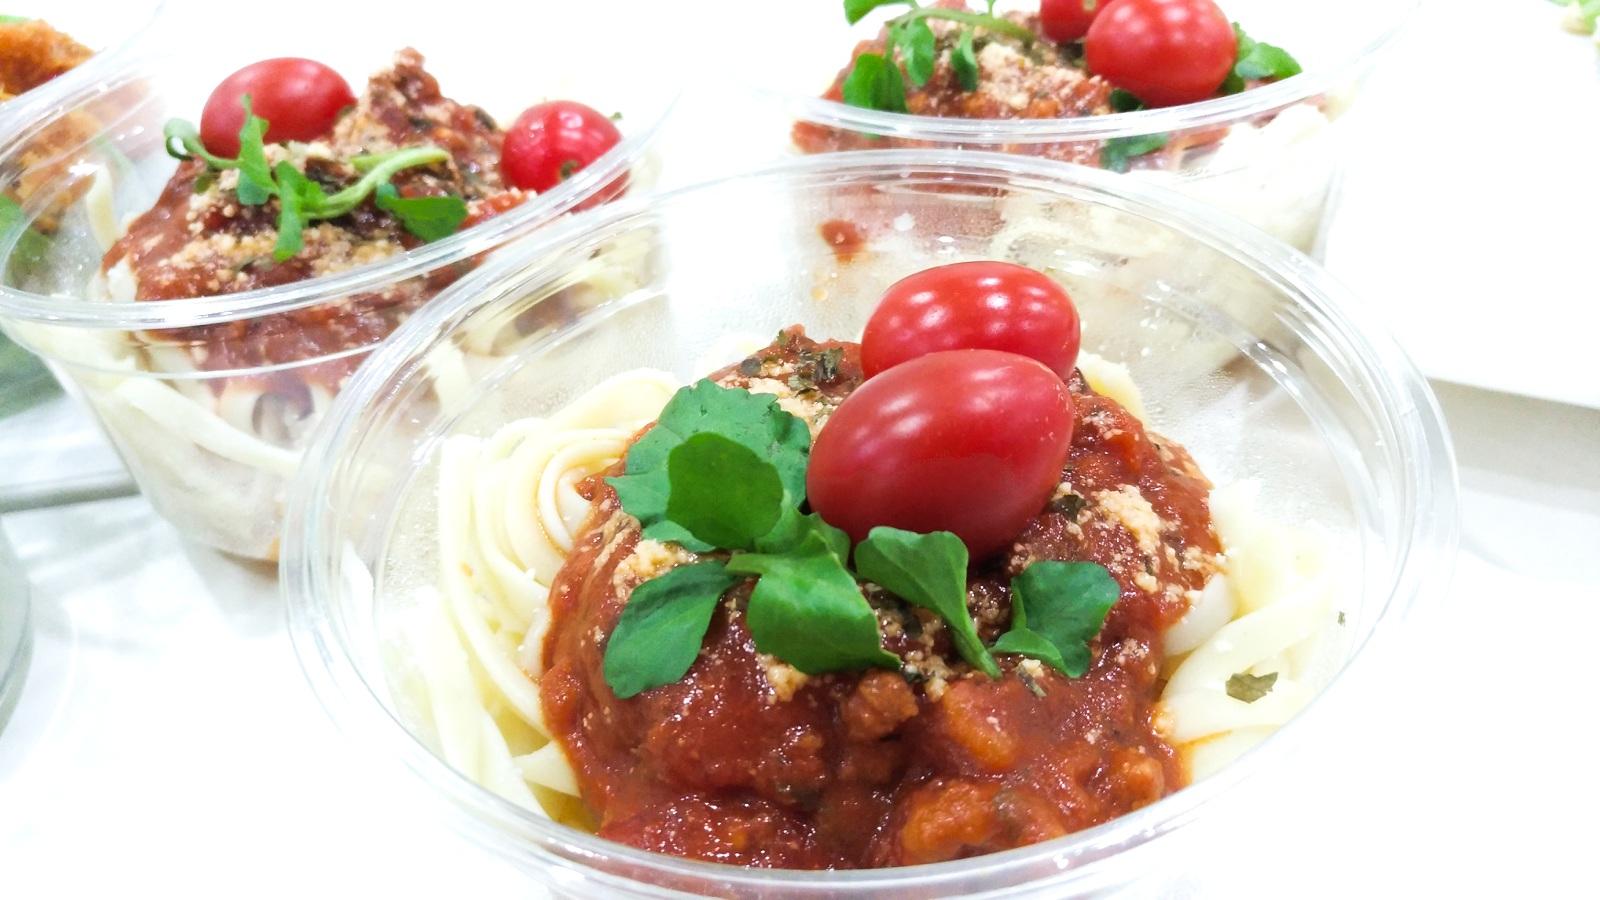 Spaghetti Bolognaise.jpg